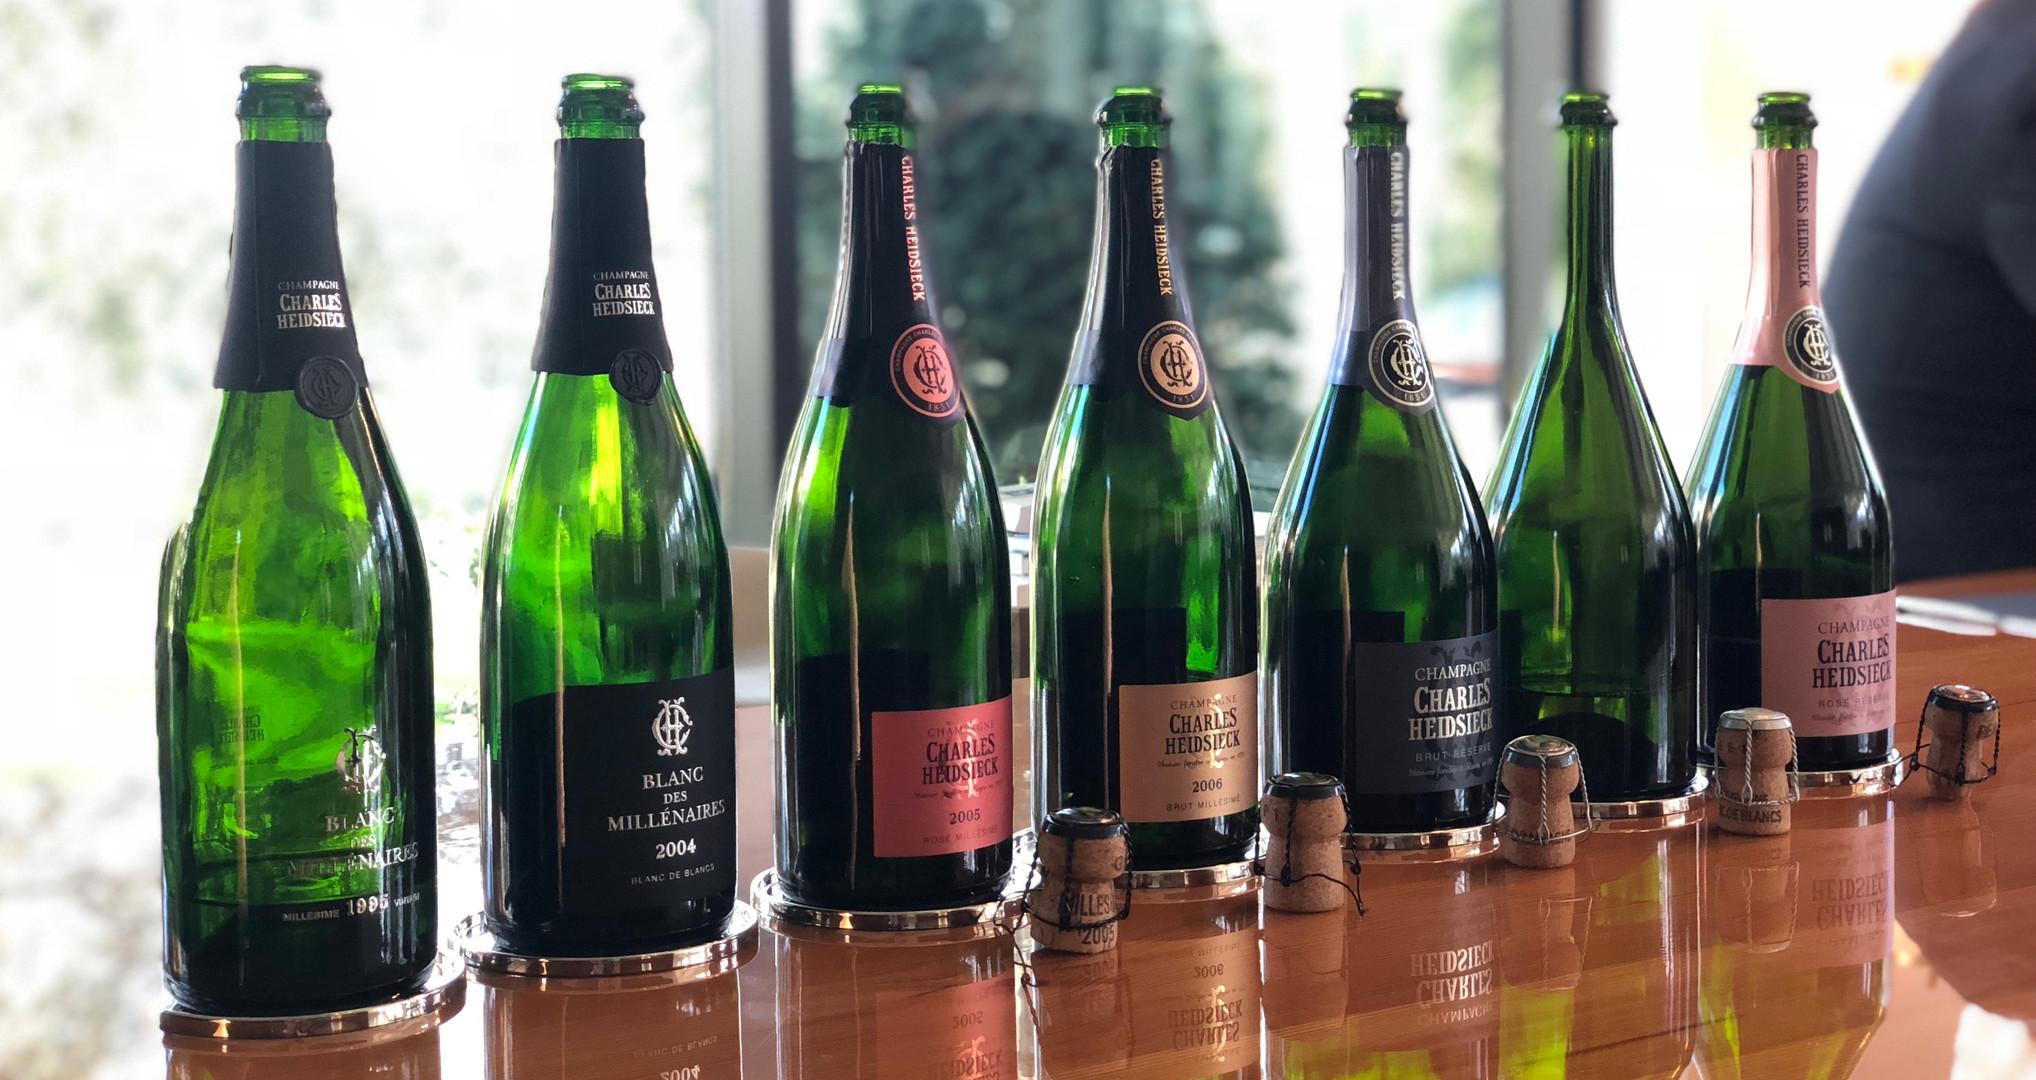 Degustación Champagne Charles Heidsieck